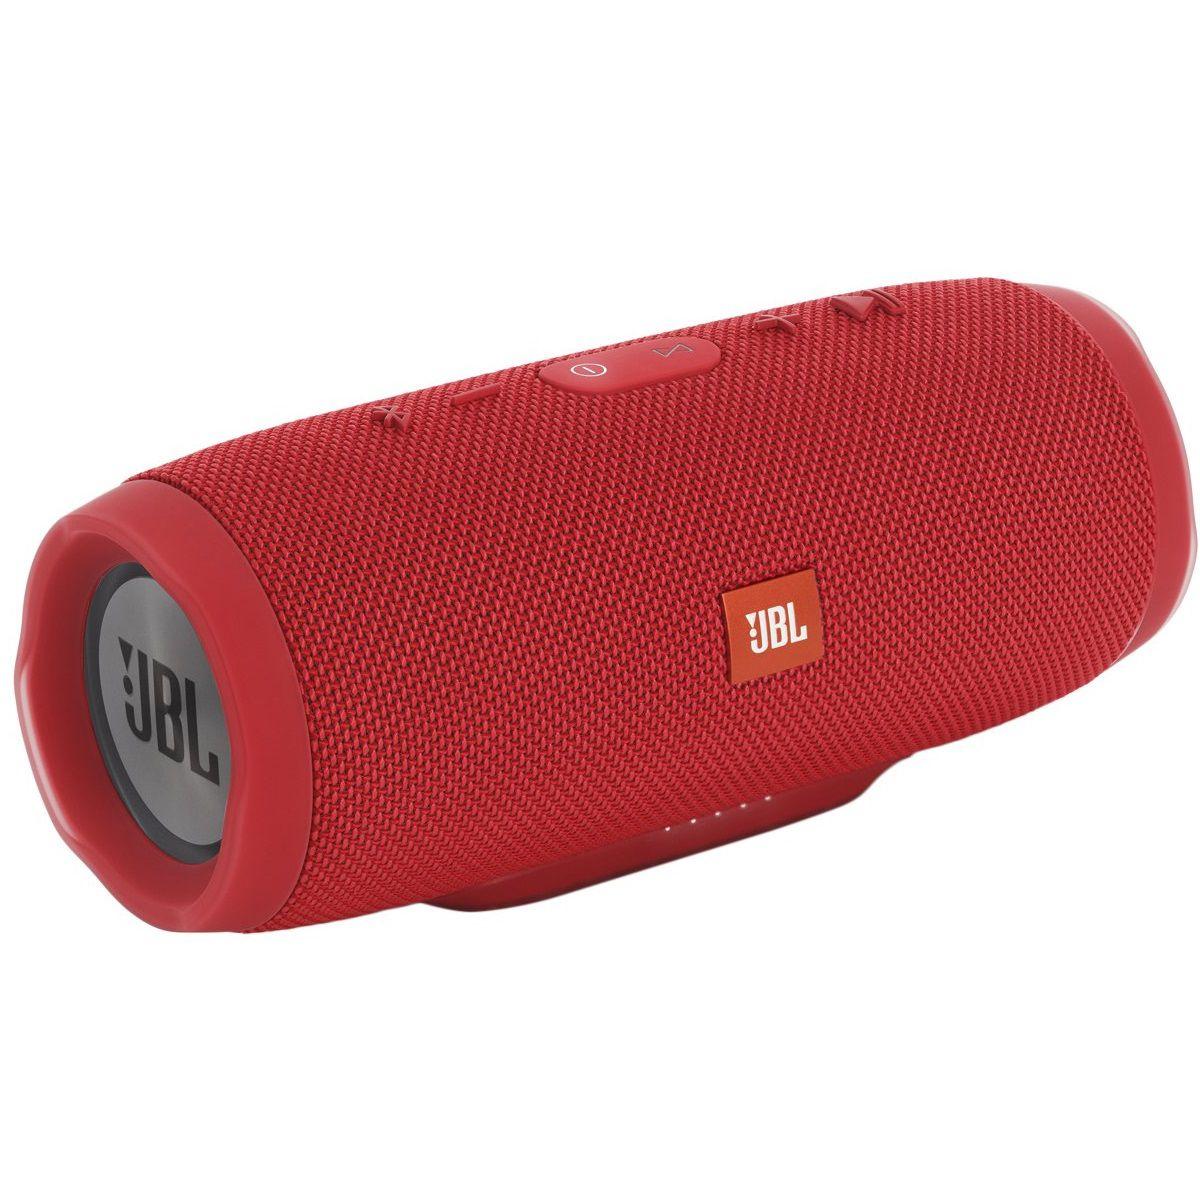 Caixa De Som Jbl Charge 3 Red Portatil Bluetooth